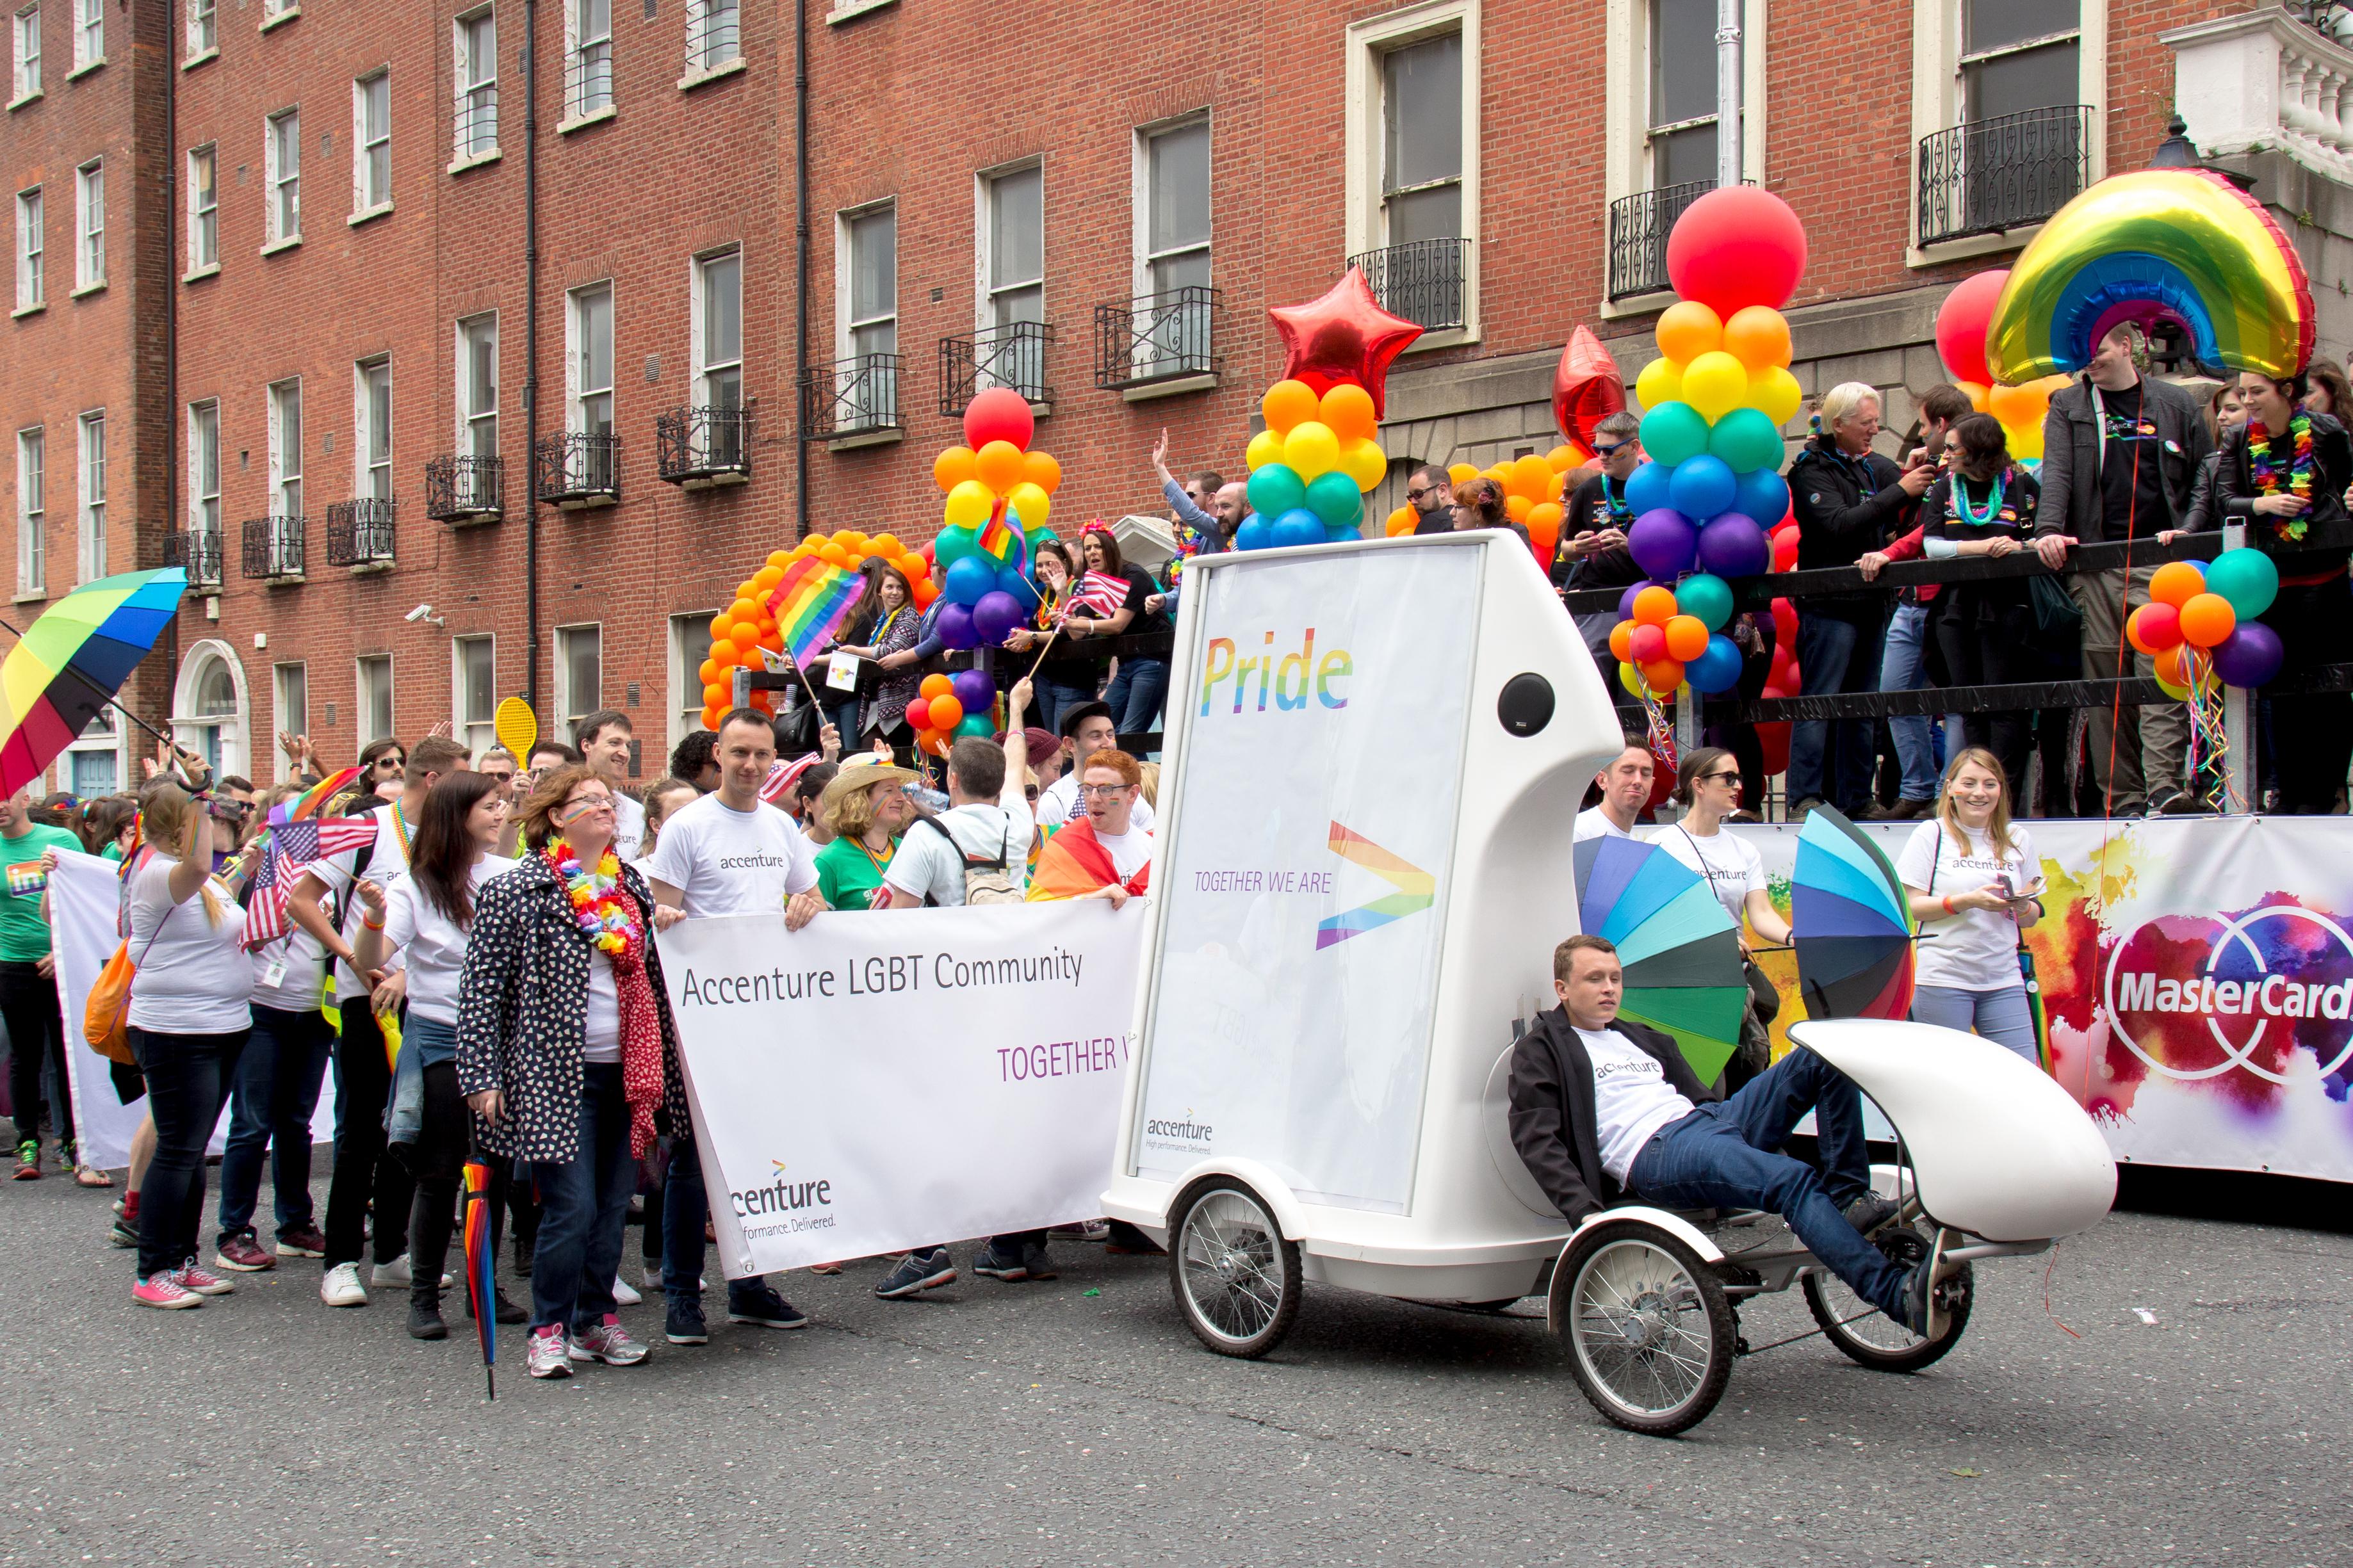 pride parade, eco advertising, adbikes